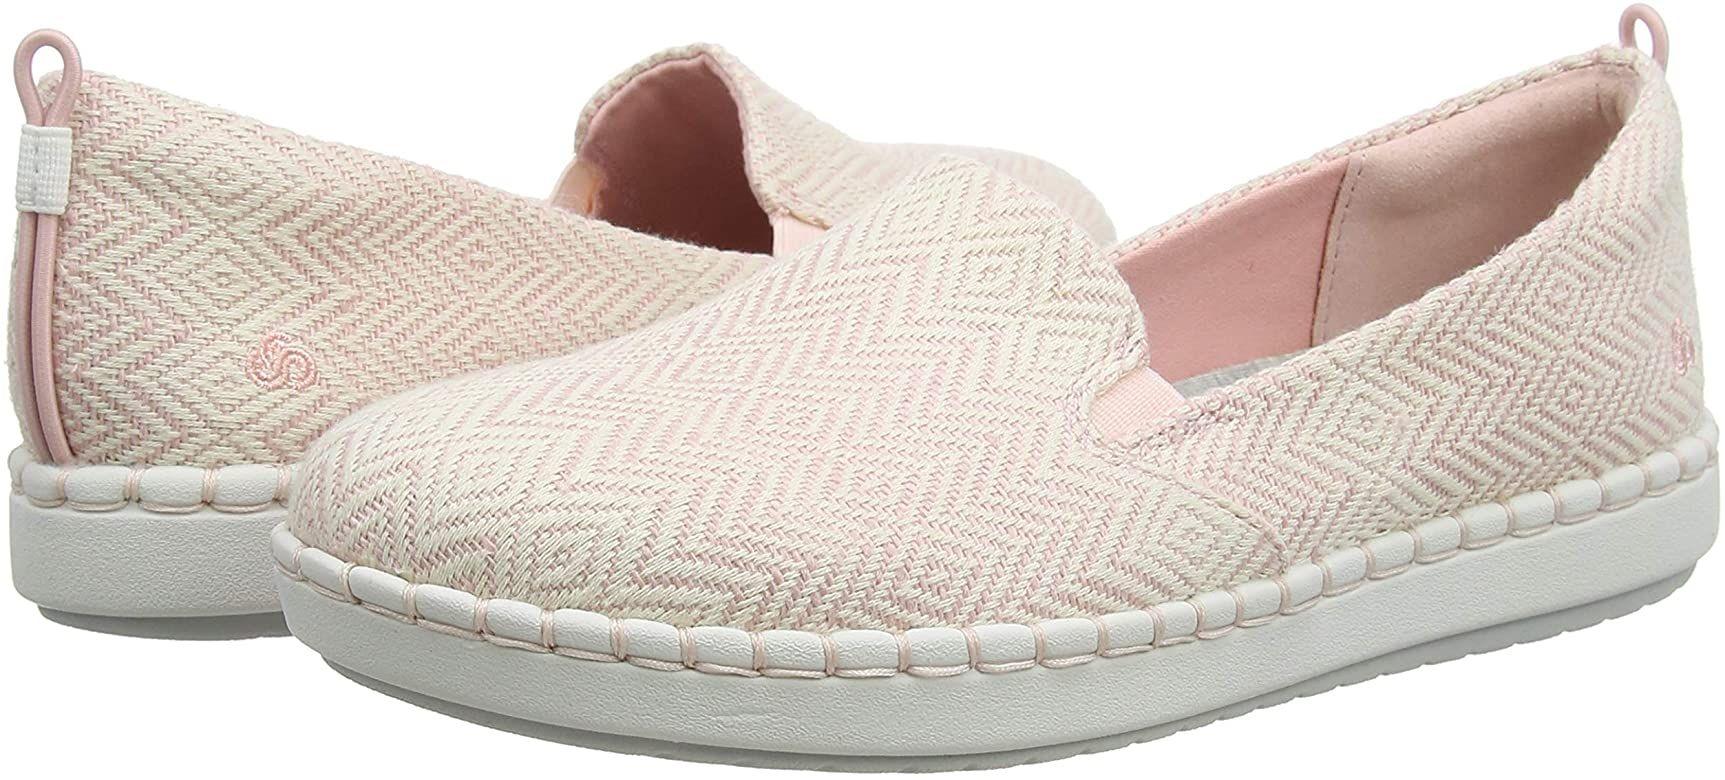 TALLA 39 - Clarks Step Glow Slip, Zapatillas sin Cordones para mujer